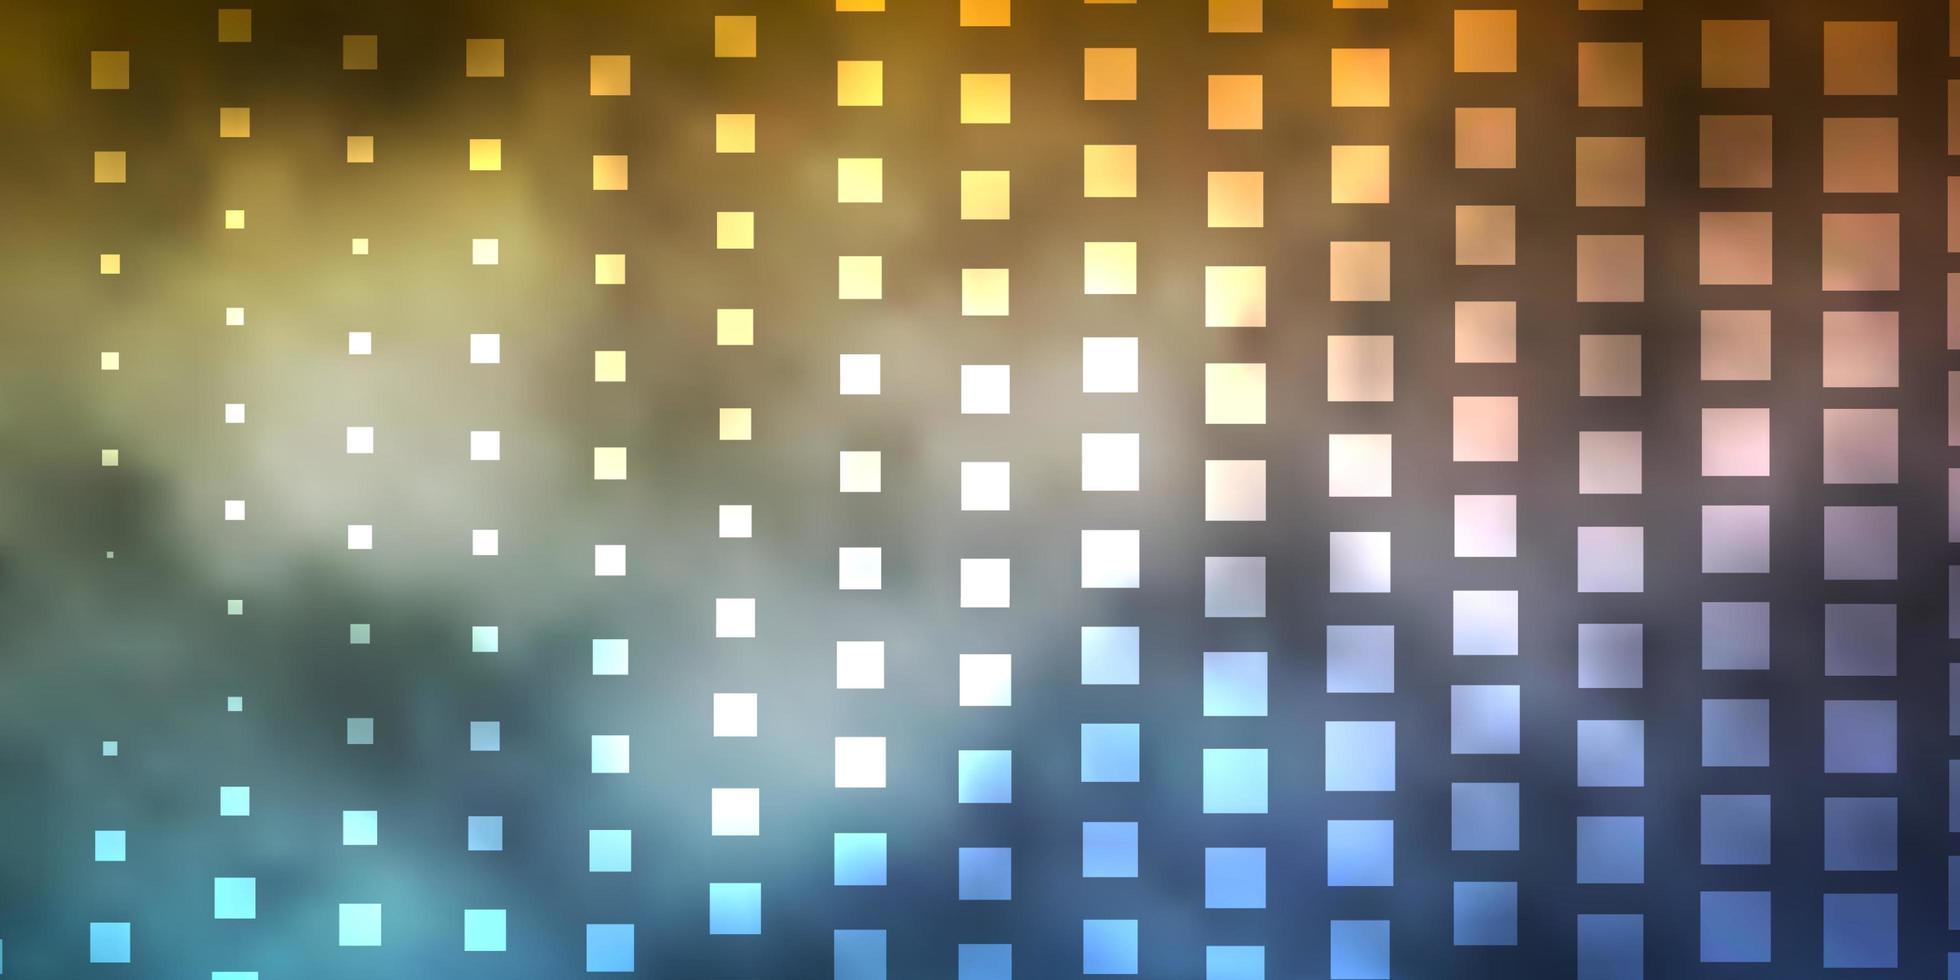 lichtblauwe, rode vectorachtergrond met rechthoeken. vector